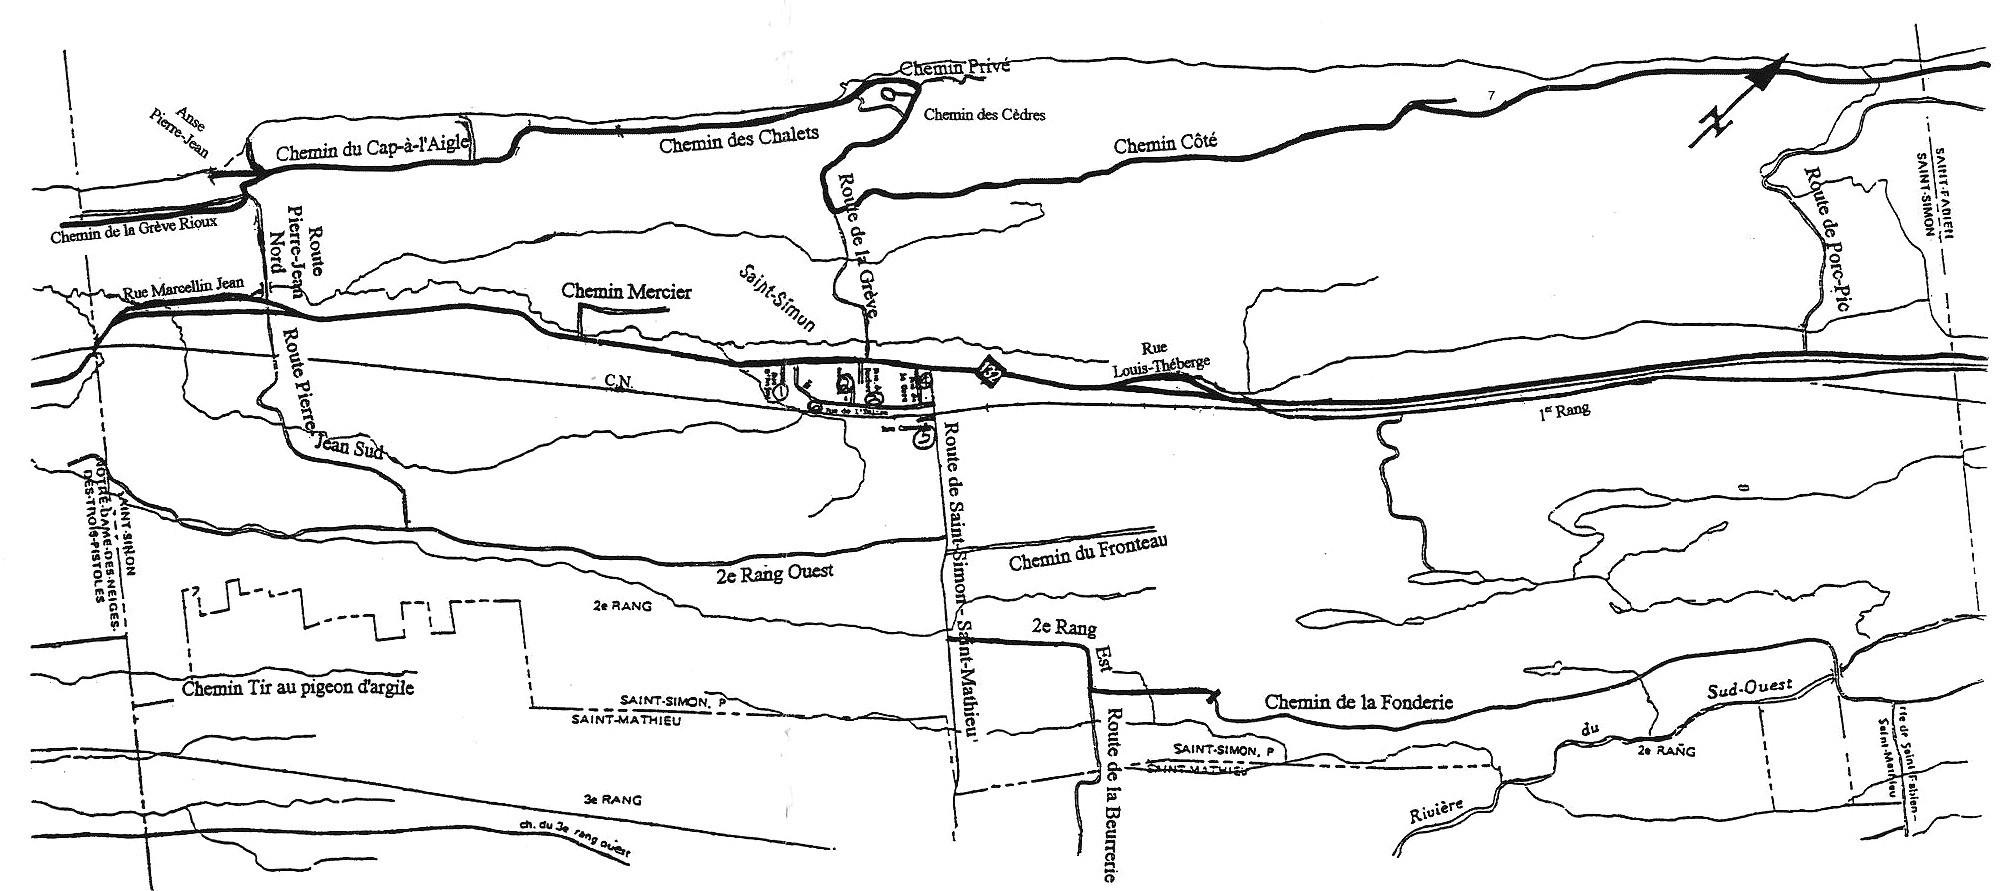 Carte du territoire de Saint-Simon avec noms de rue